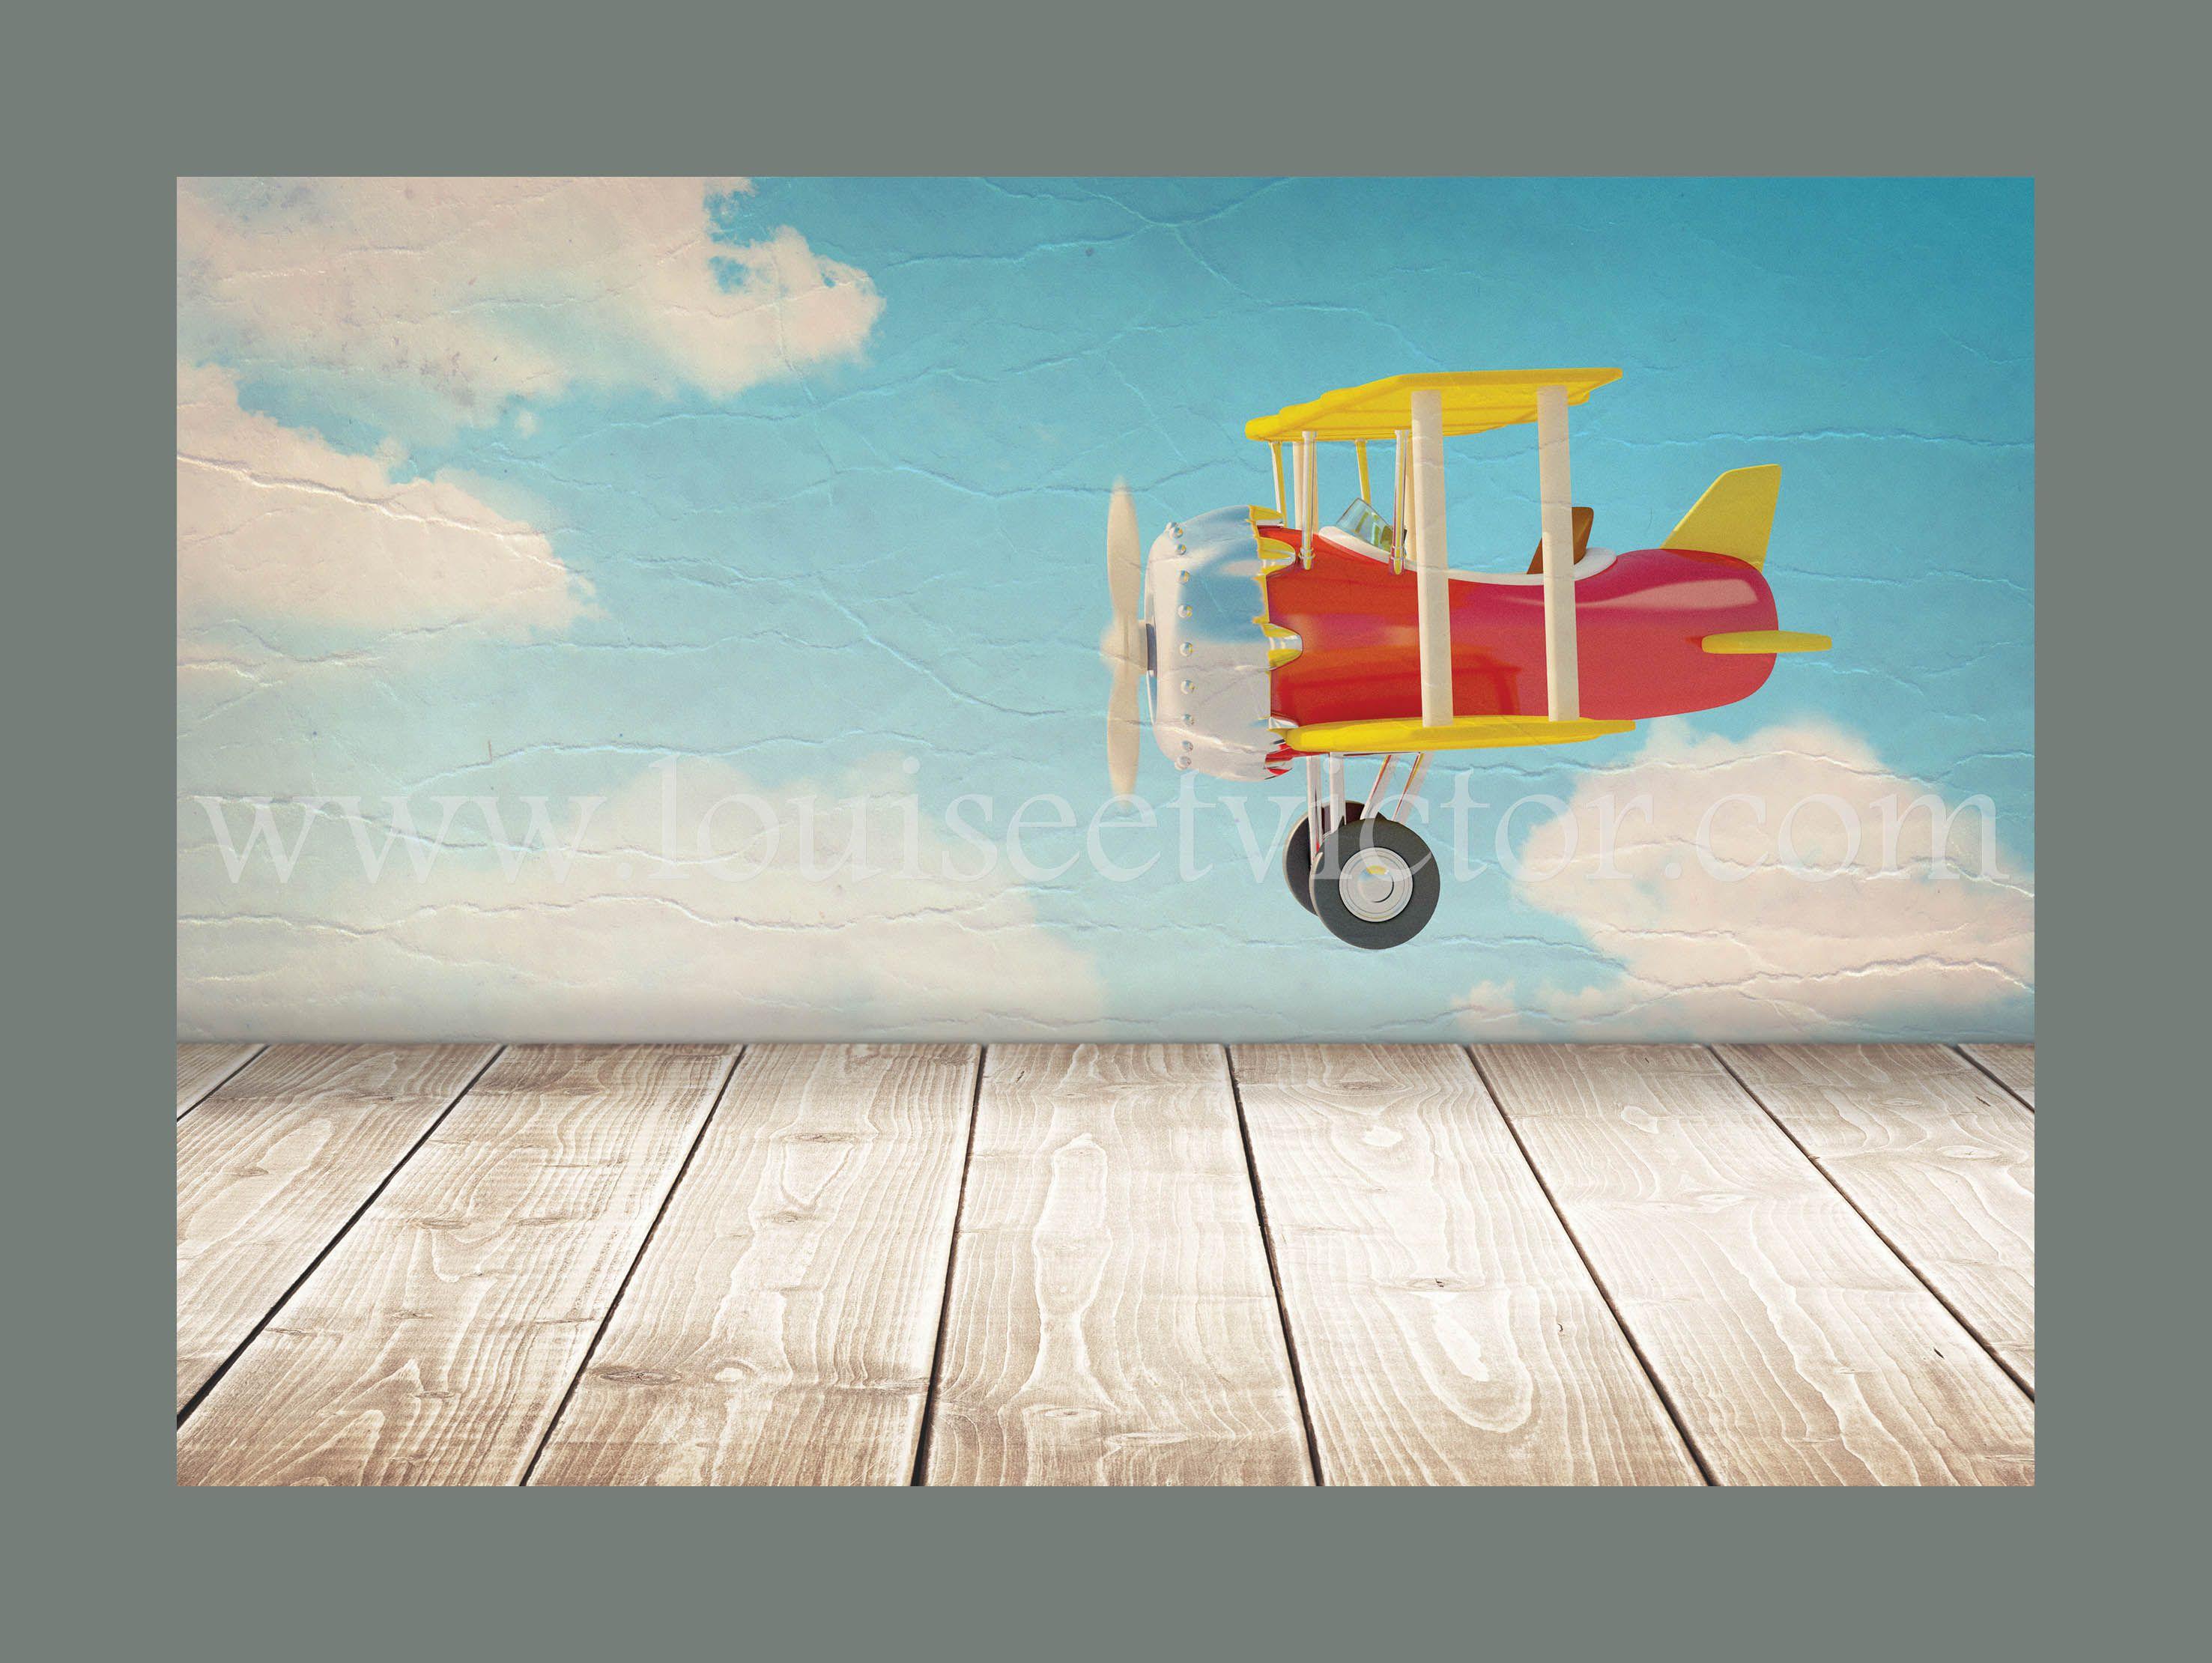 Affiche Decorative 30 40 Cm Representant Un Avion Vintage Faisant Du Rase Motte Au Dessus D Un Plancher Deco Chambre Enfant Decoration Chambre Enfant Et Chambre Enfant